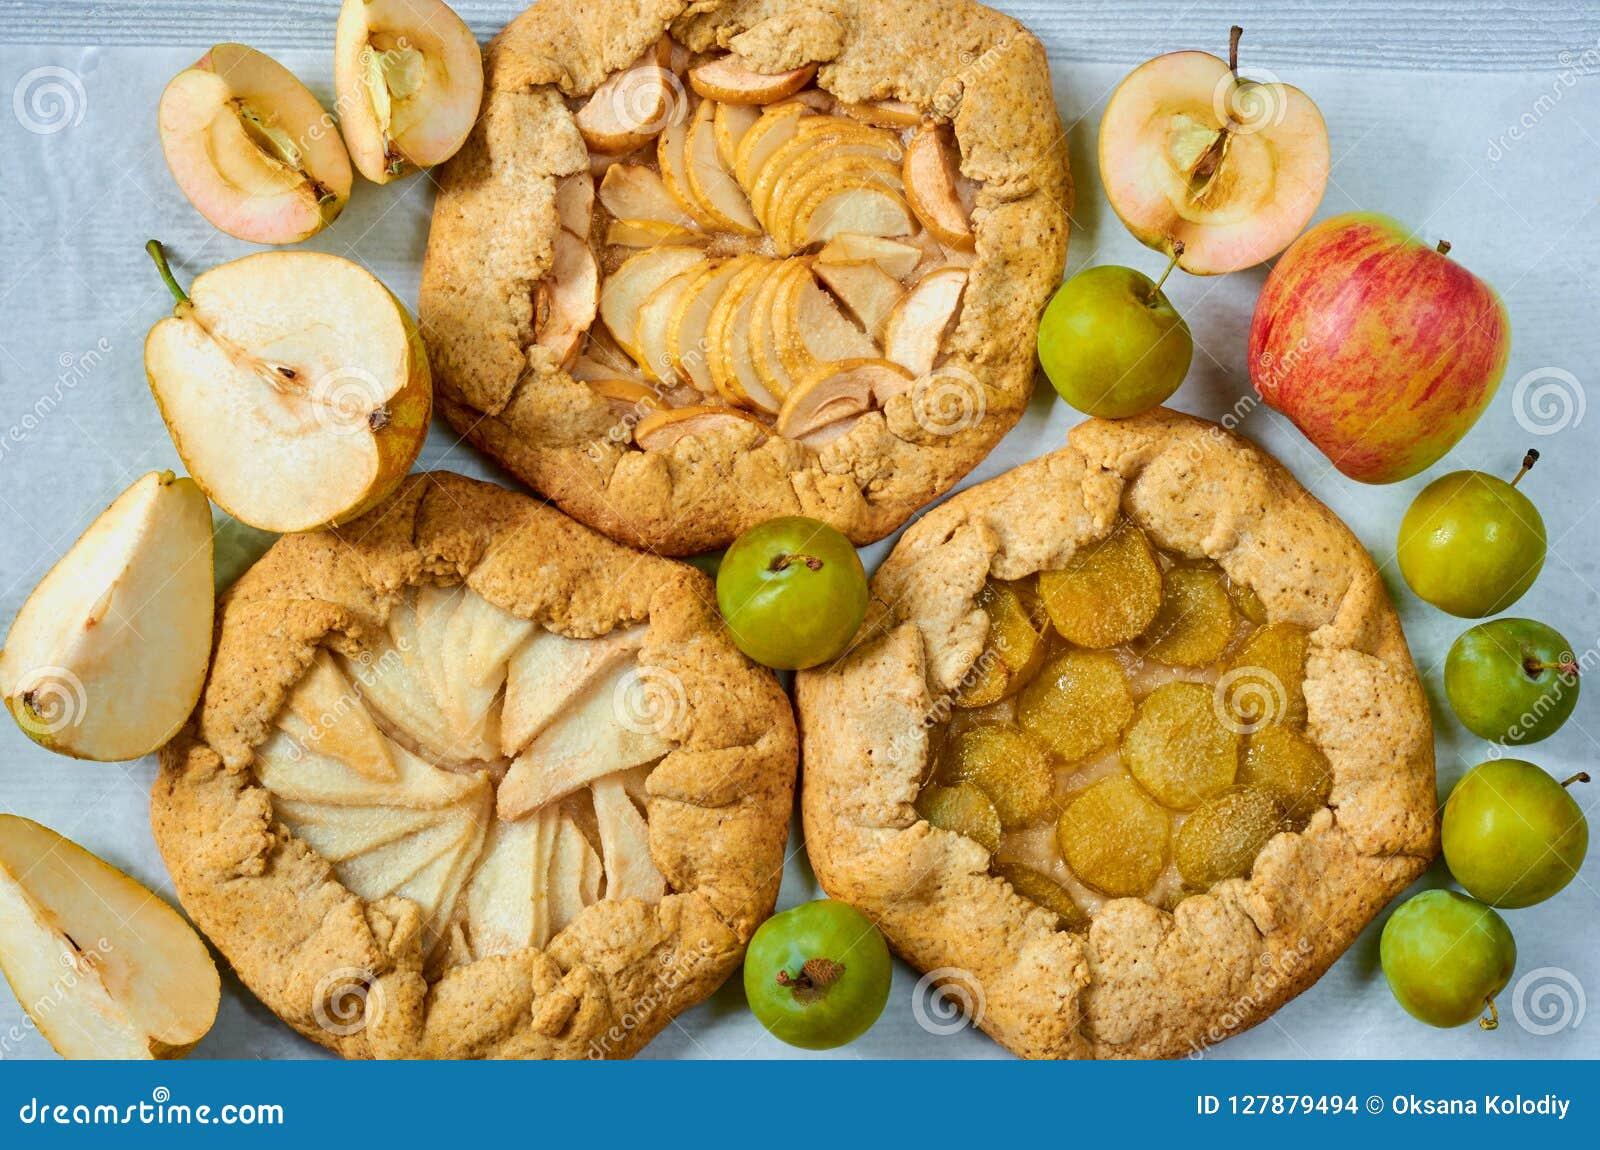 各种各样的果子馅饼- galette用新鲜的苹果、李子和梨在灰色具体桌上 素食健康秋天点心